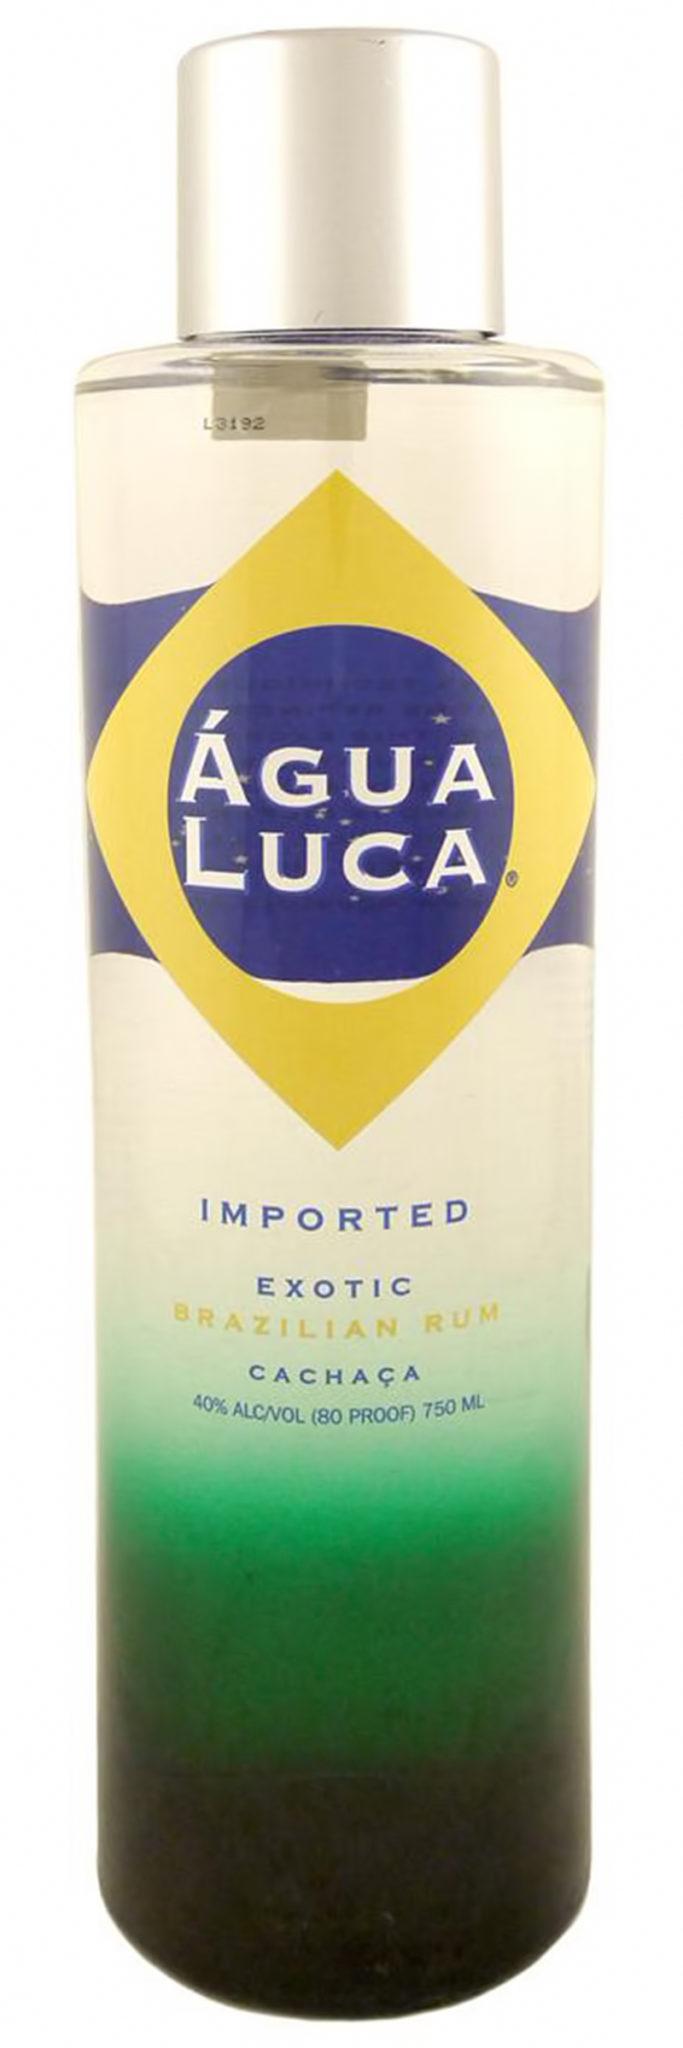 Agua Luca Cachaça Image